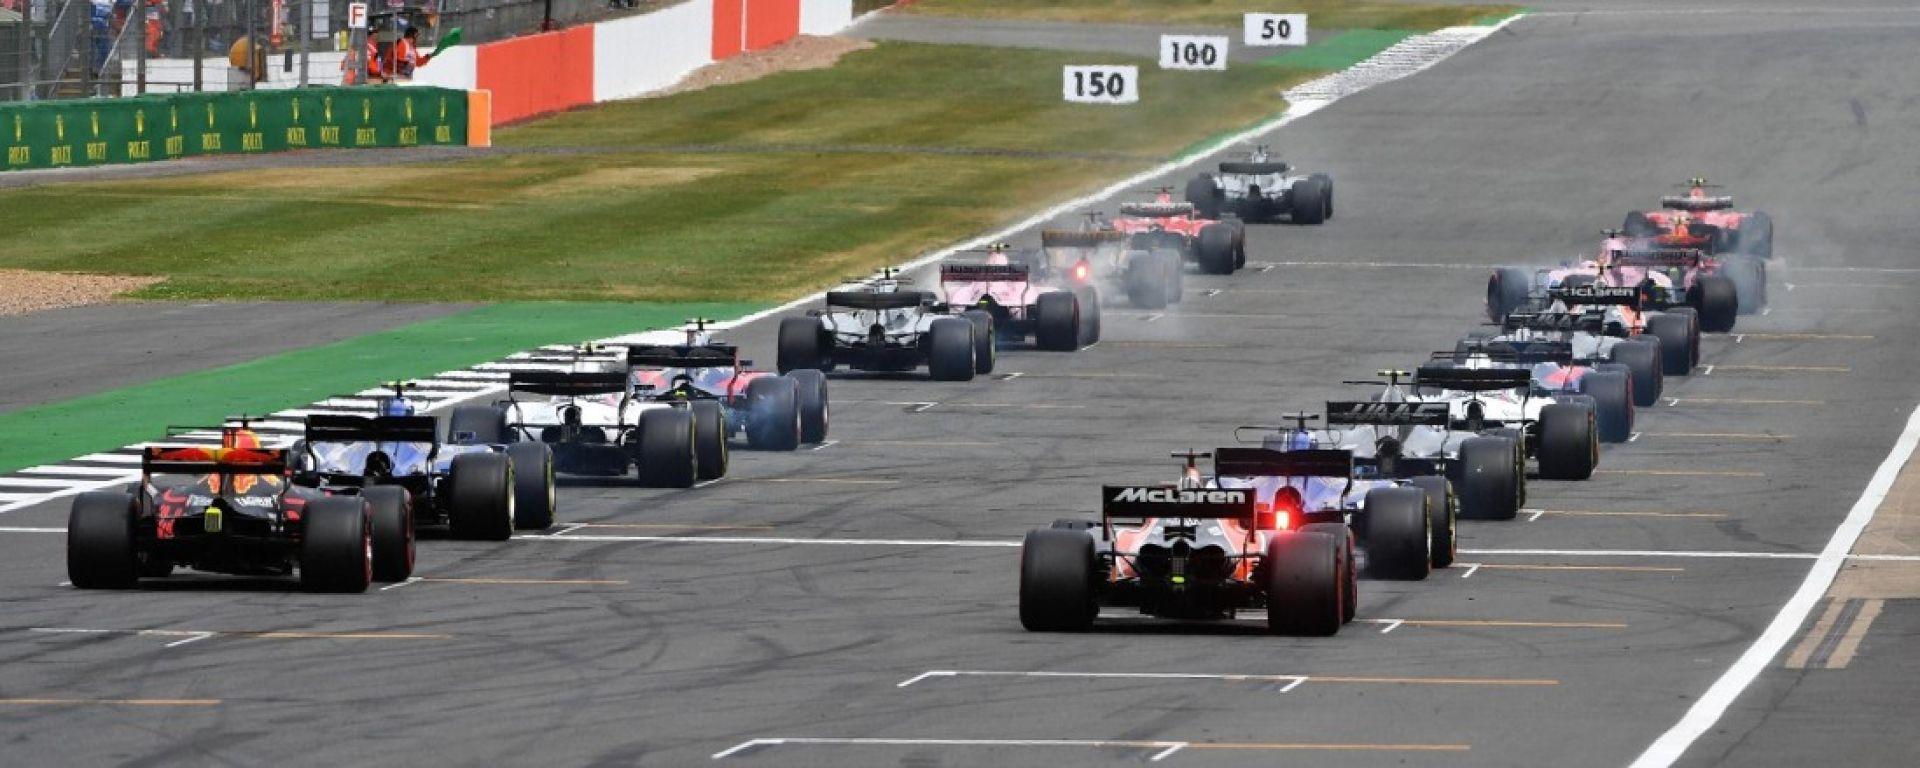 F1 2017, griglia di partenza di Silverstone